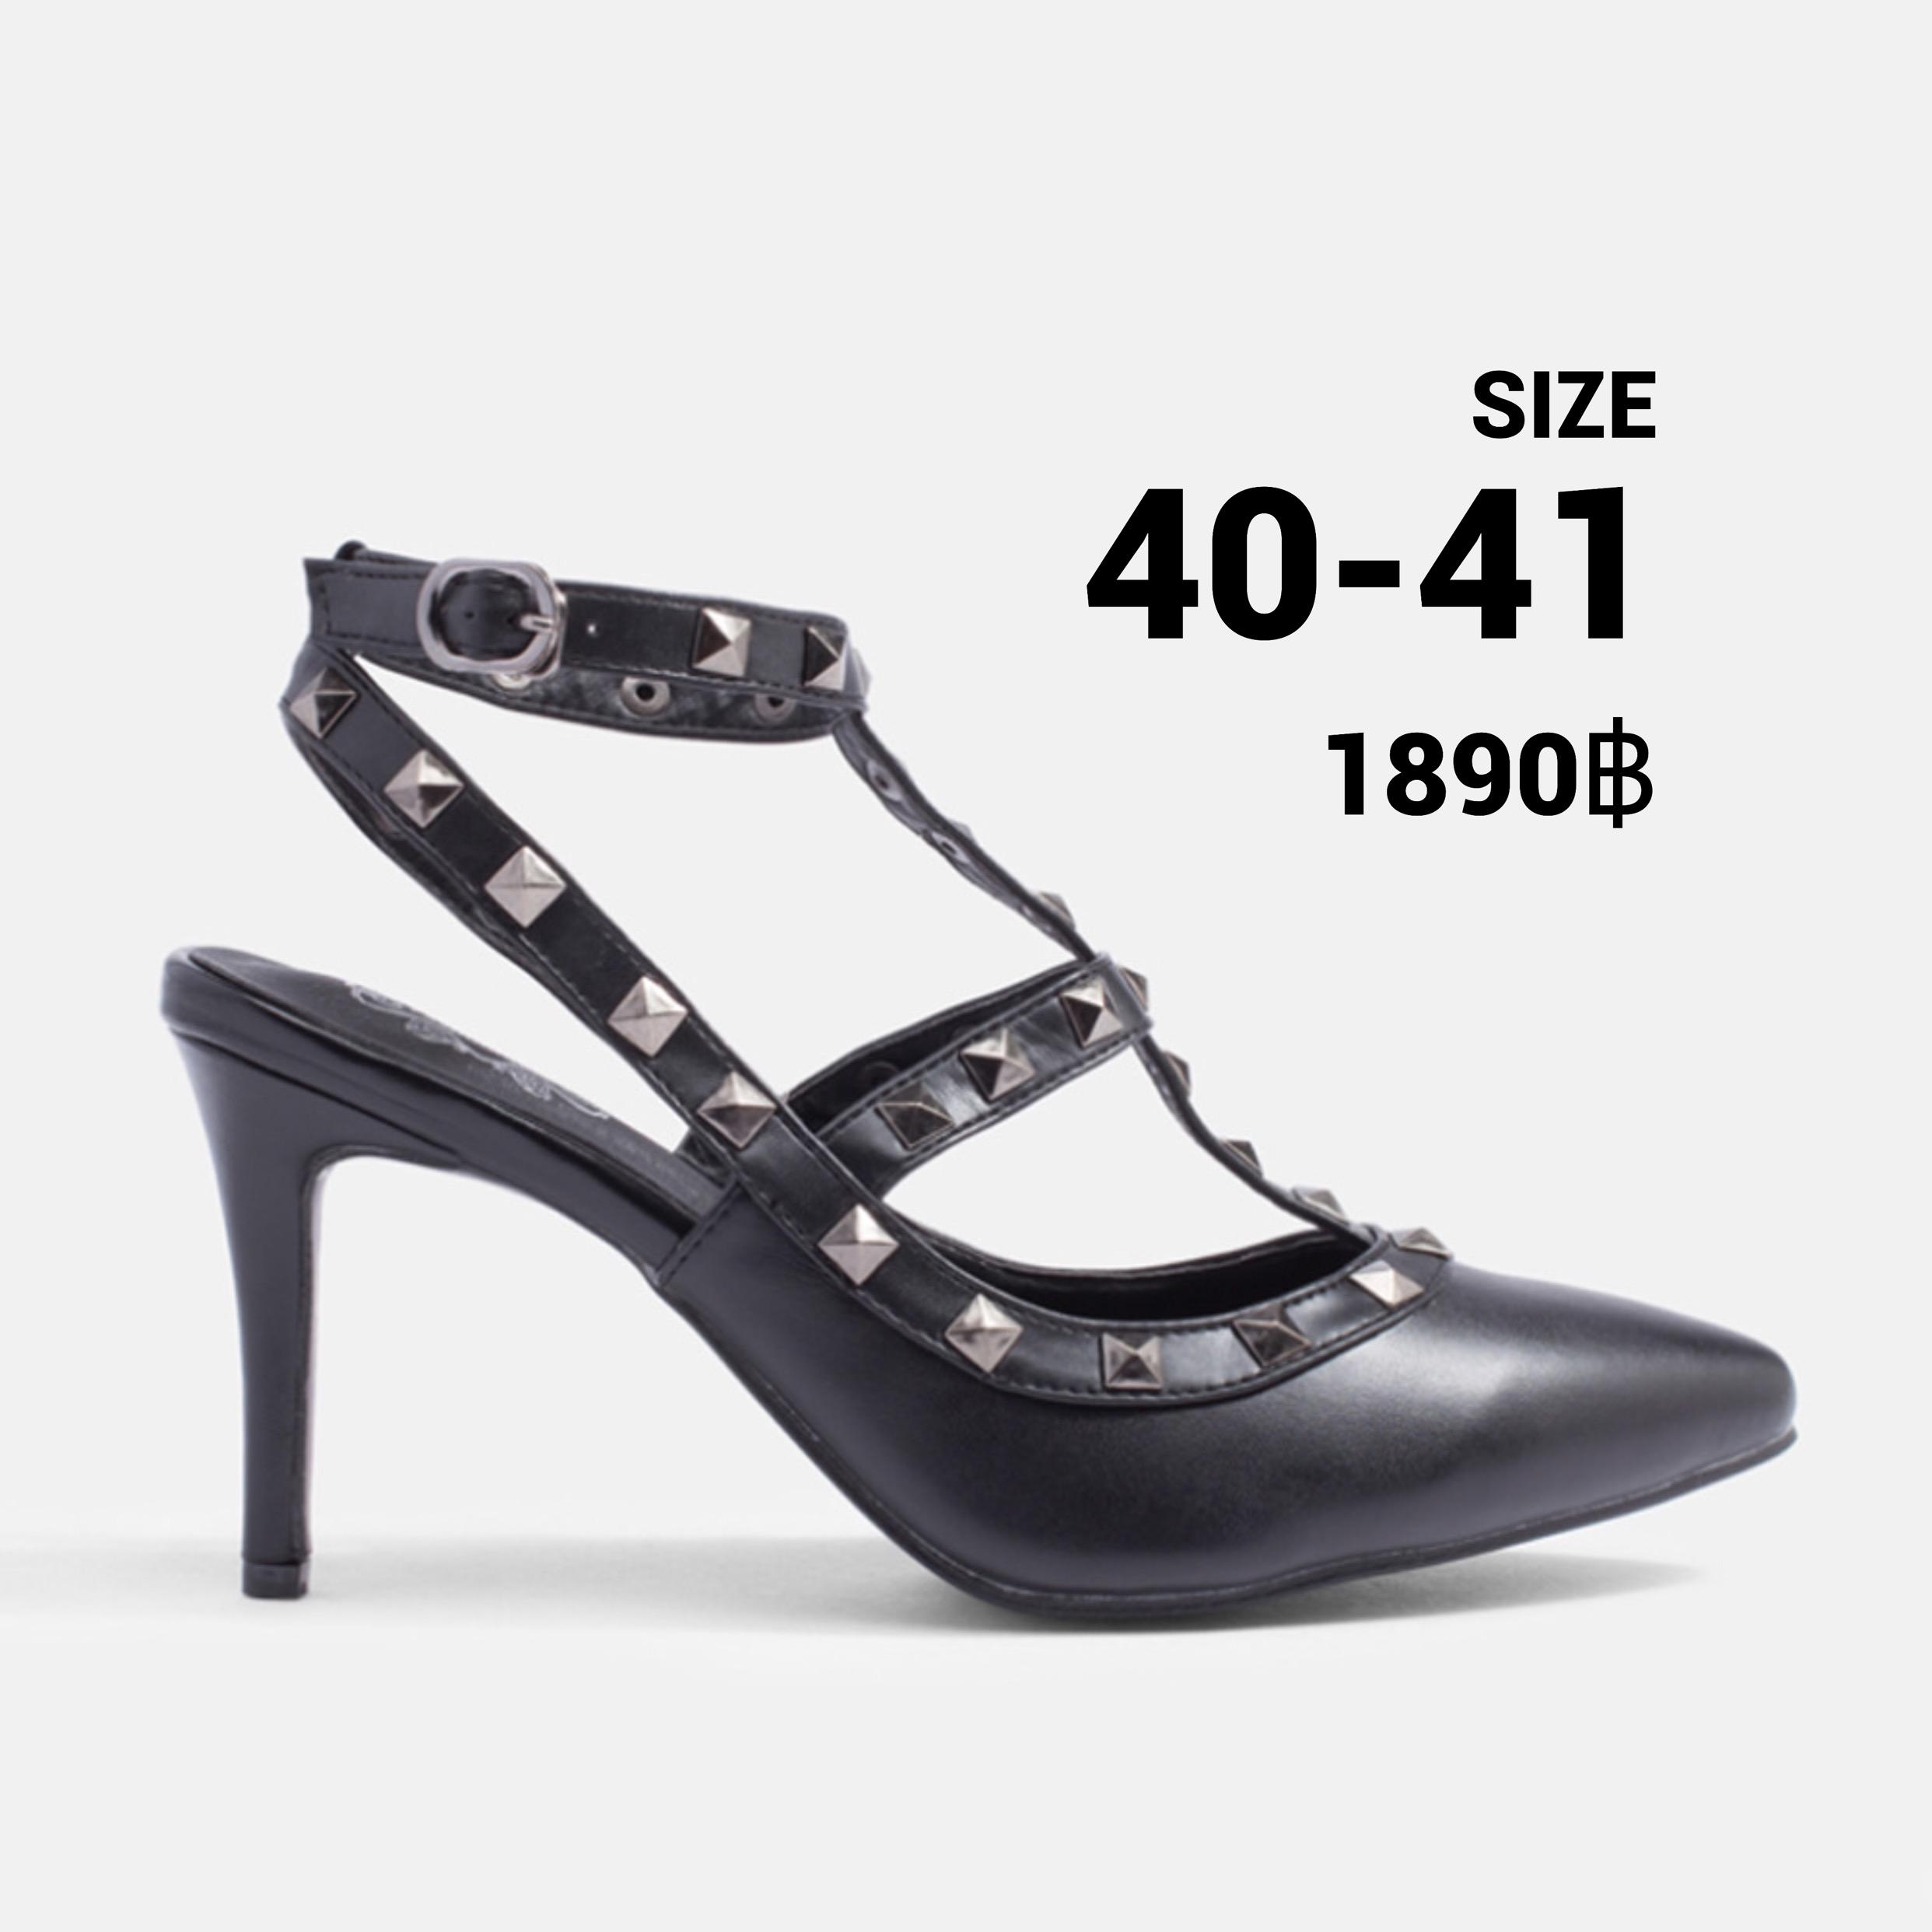 รองเท้าส้นสูงไซส์ใหญ่ 40-41 EU Valentino Metal Strappy Pointed Toe รุ่น CH0132